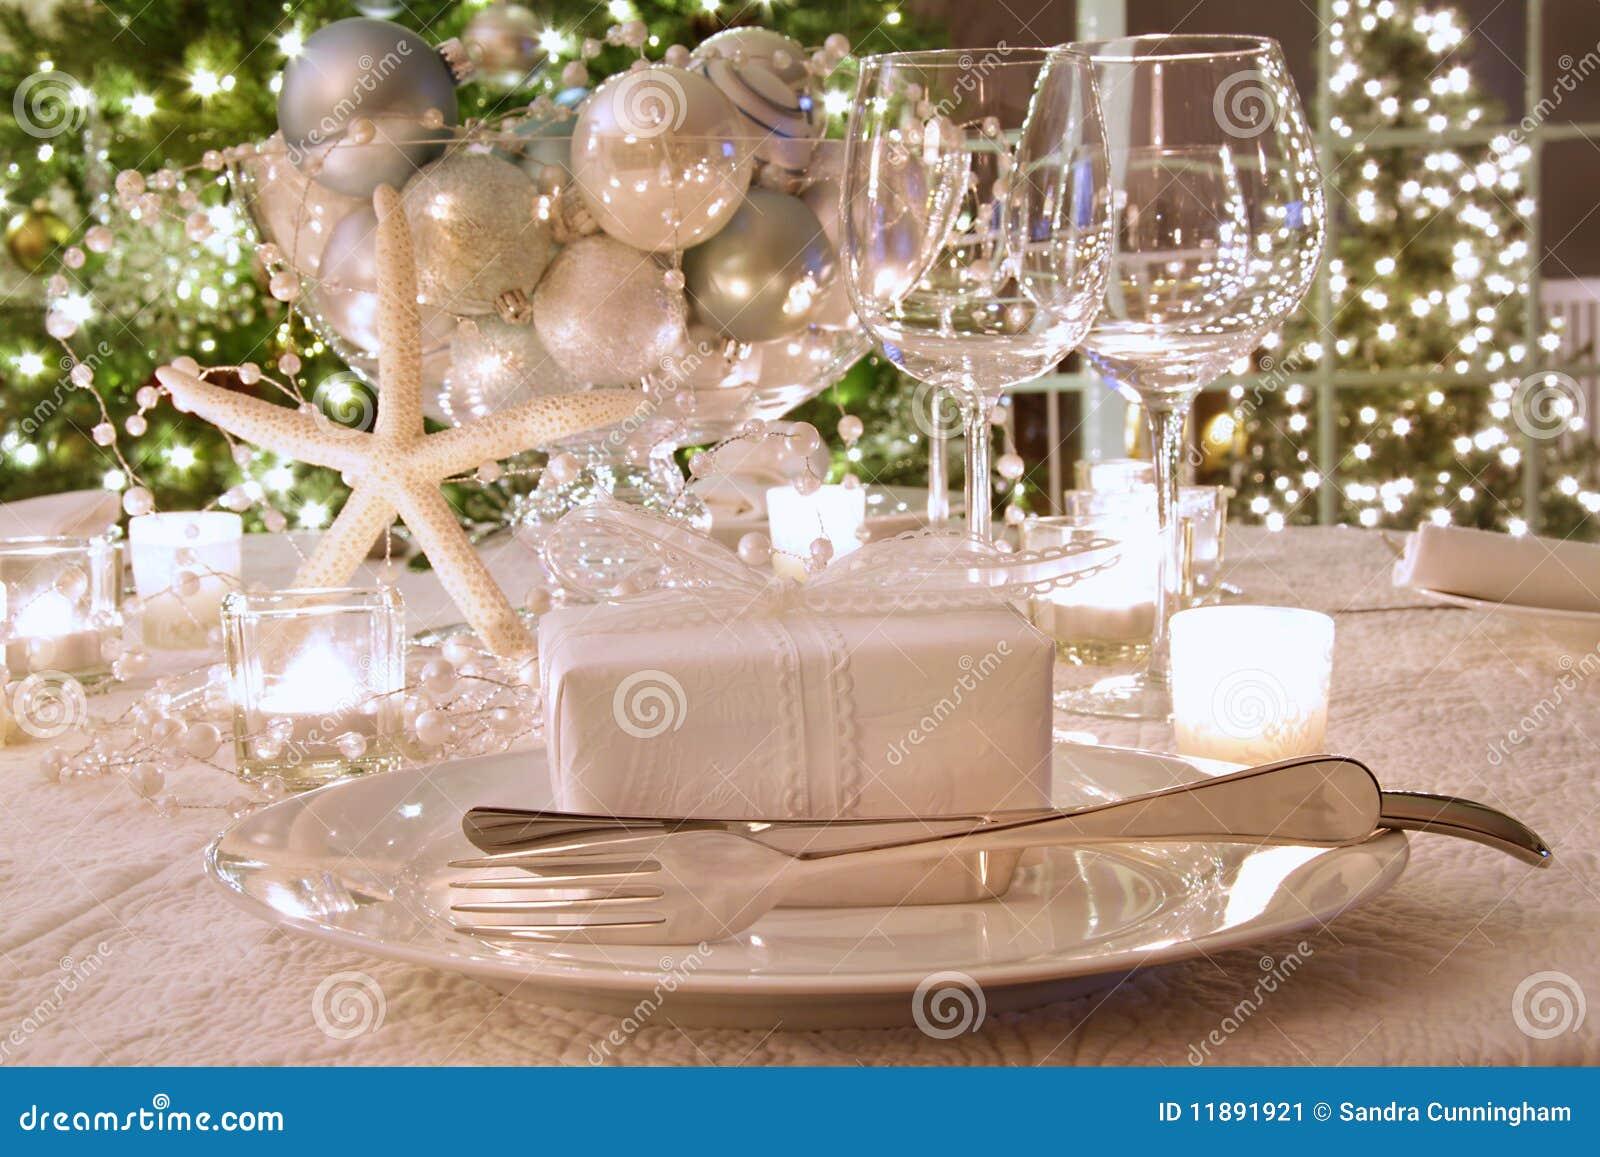 Vector de cena elegante encendido del día de fiesta